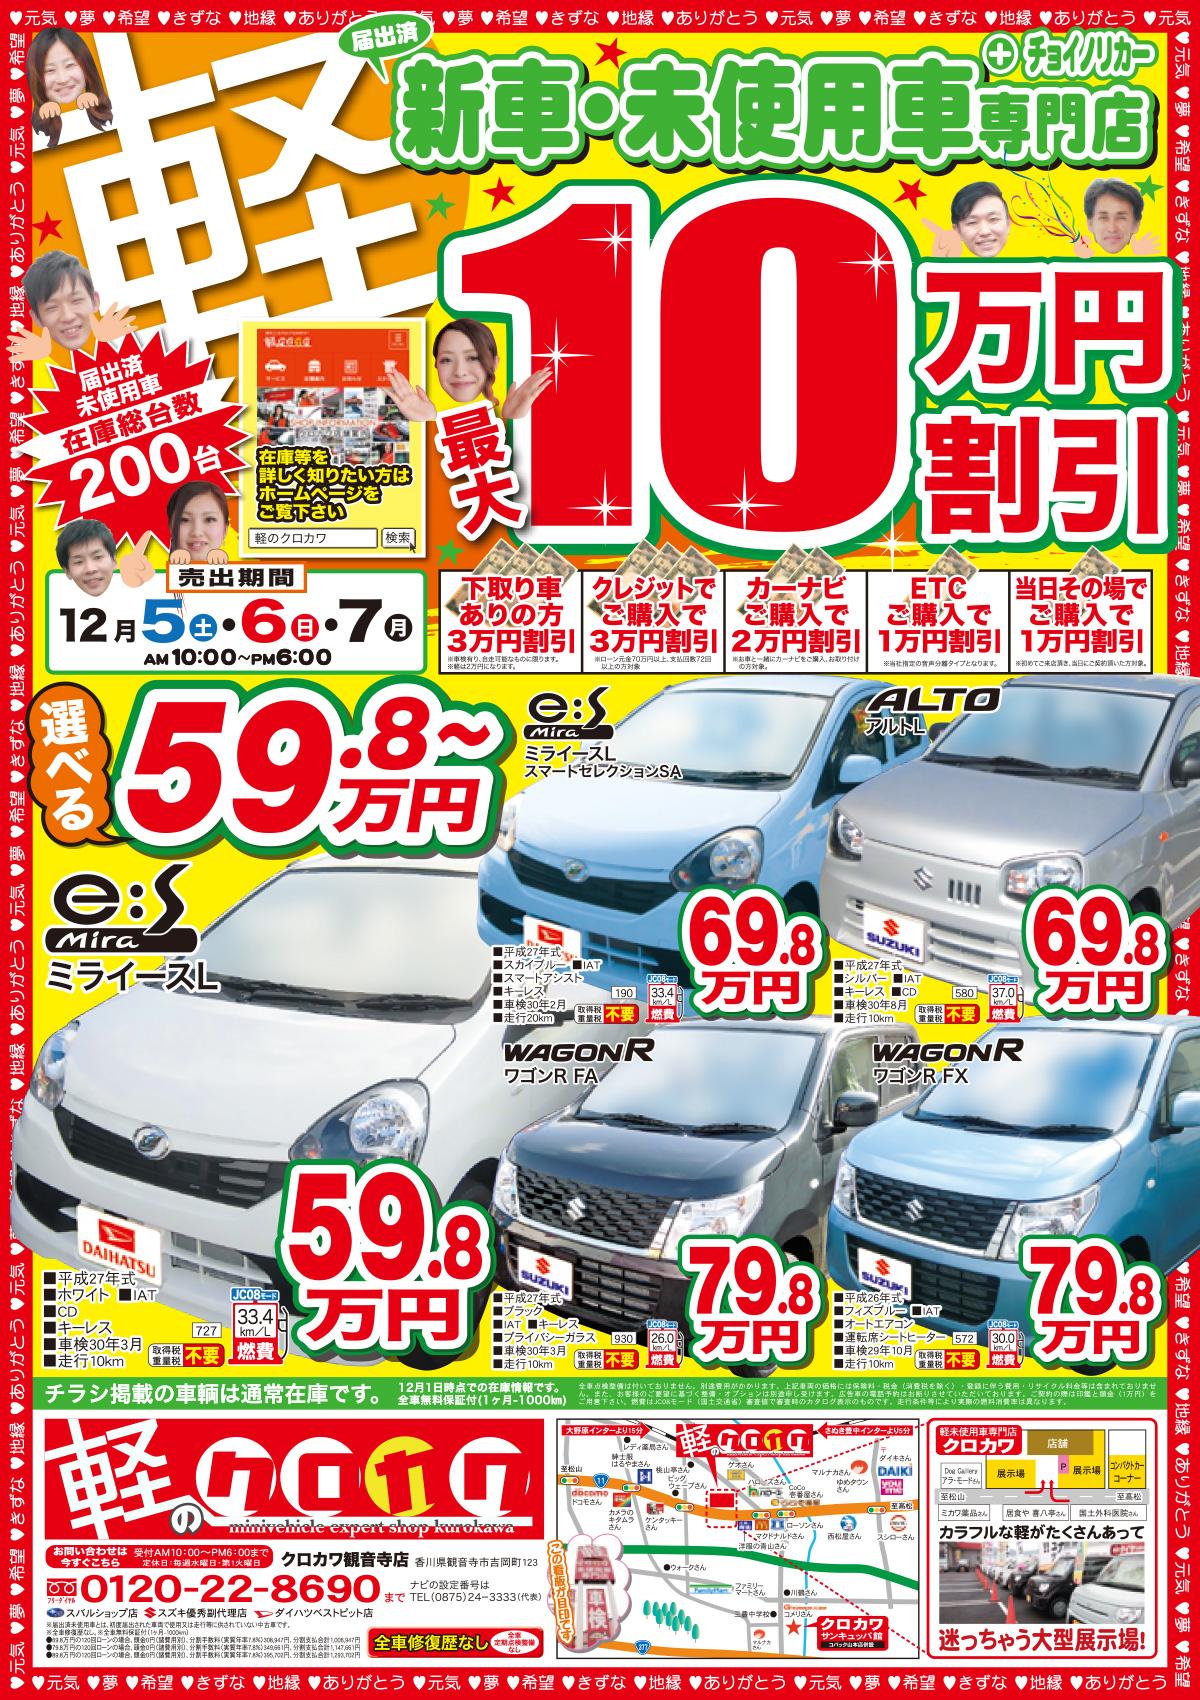 軽新車・未使用車 最大10万円割引